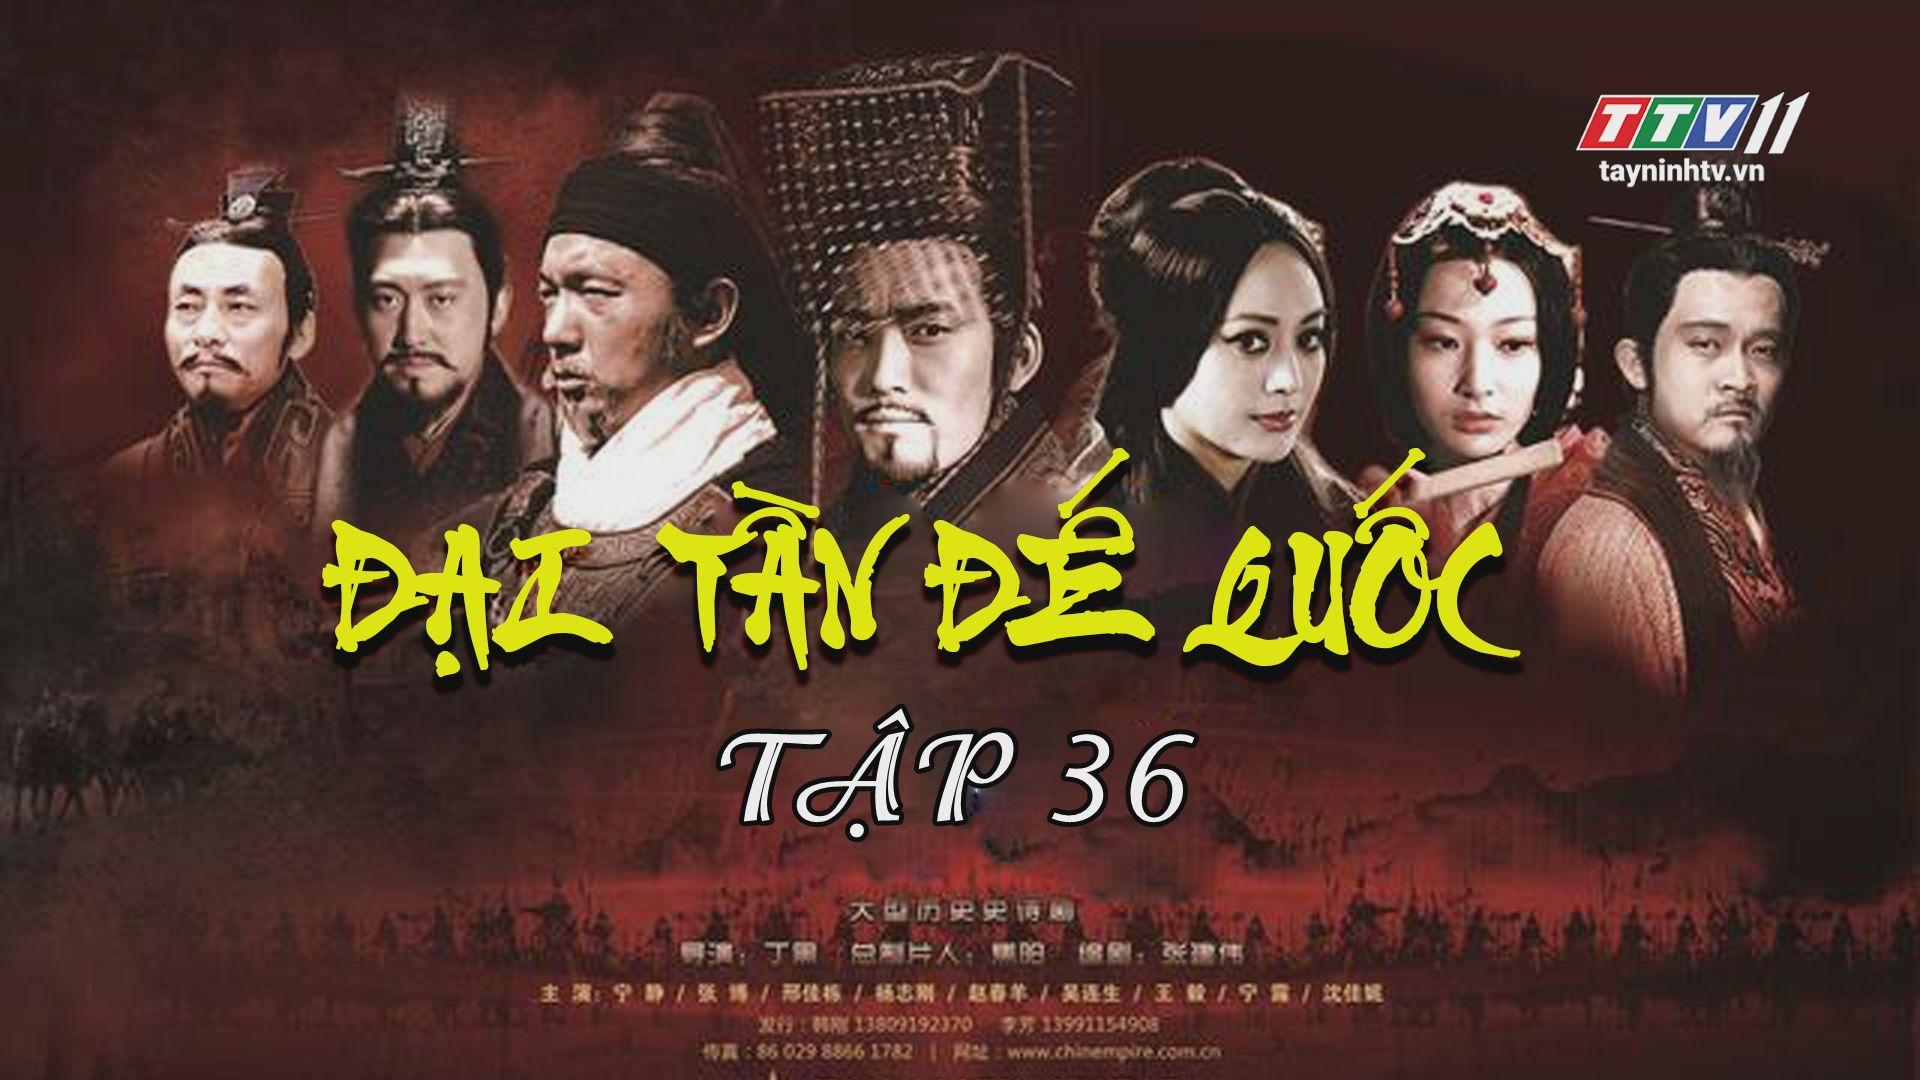 Tập 36 | ĐẠI TẦN ĐẾ QUỐC - Phần 3 - QUẬT KHỞI - FULL HD | TayNinhTV